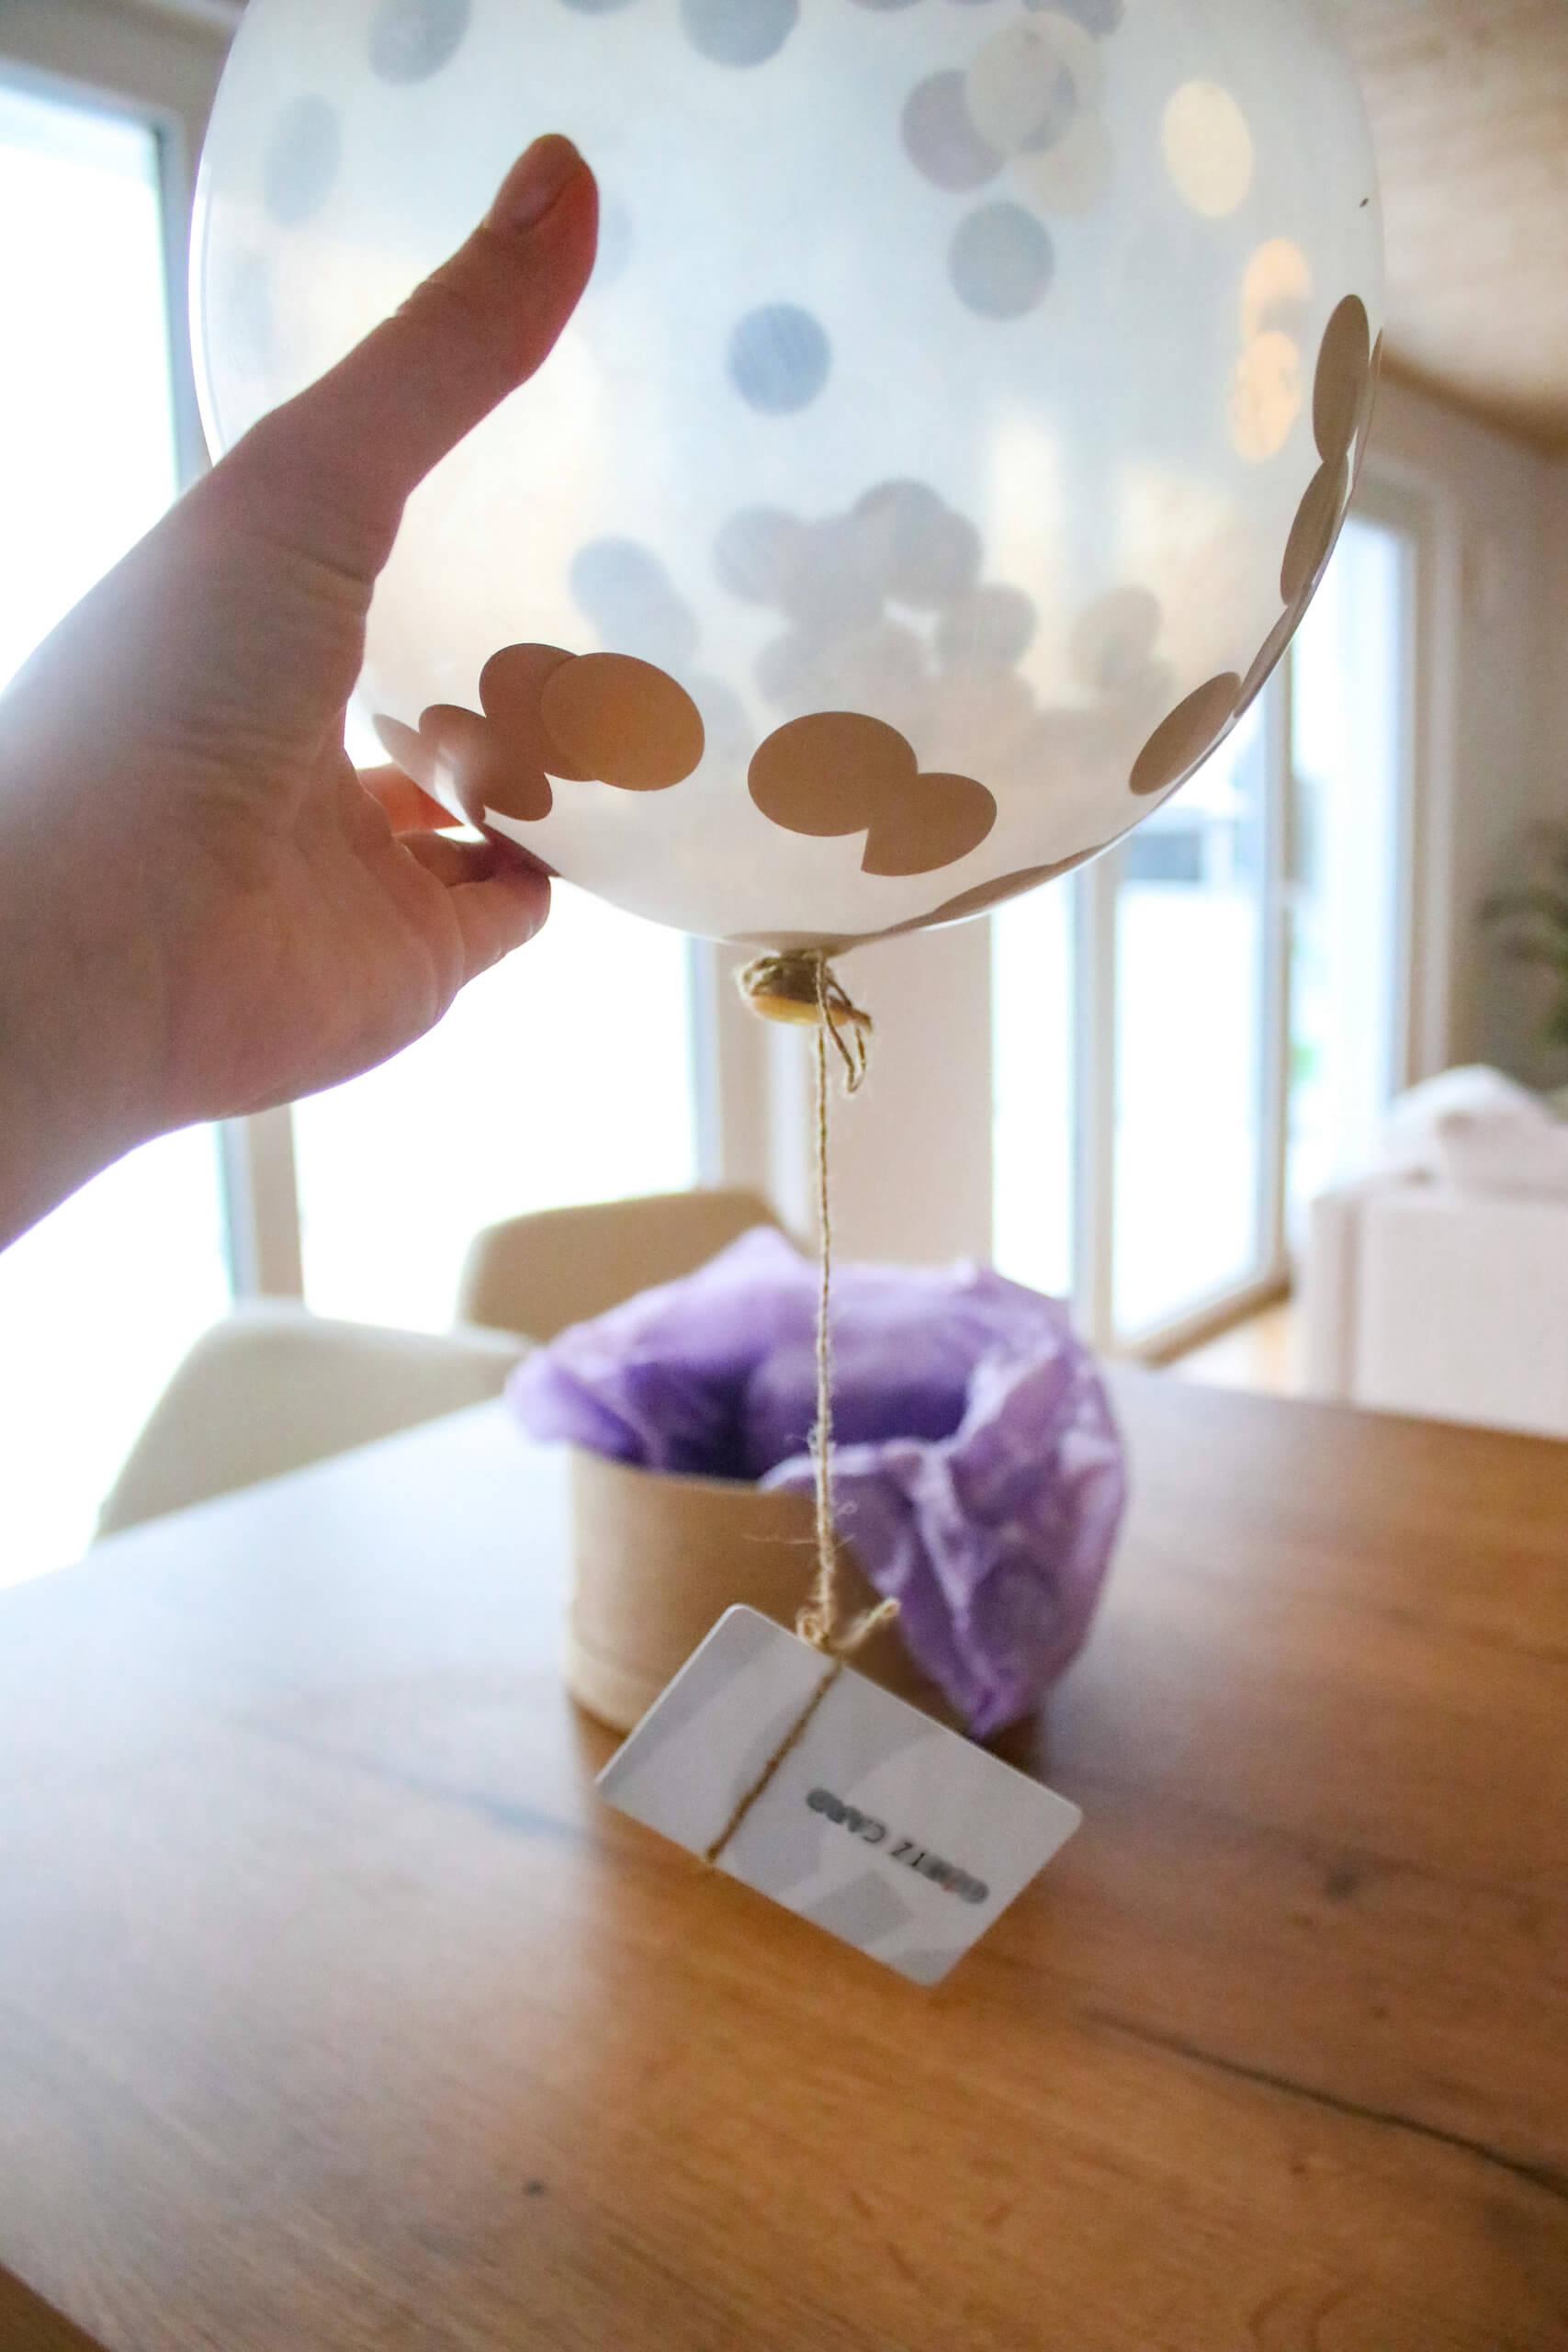 Gutschein schön verpacken – so verpackst du einen Gutschein liebevoll und persönlich